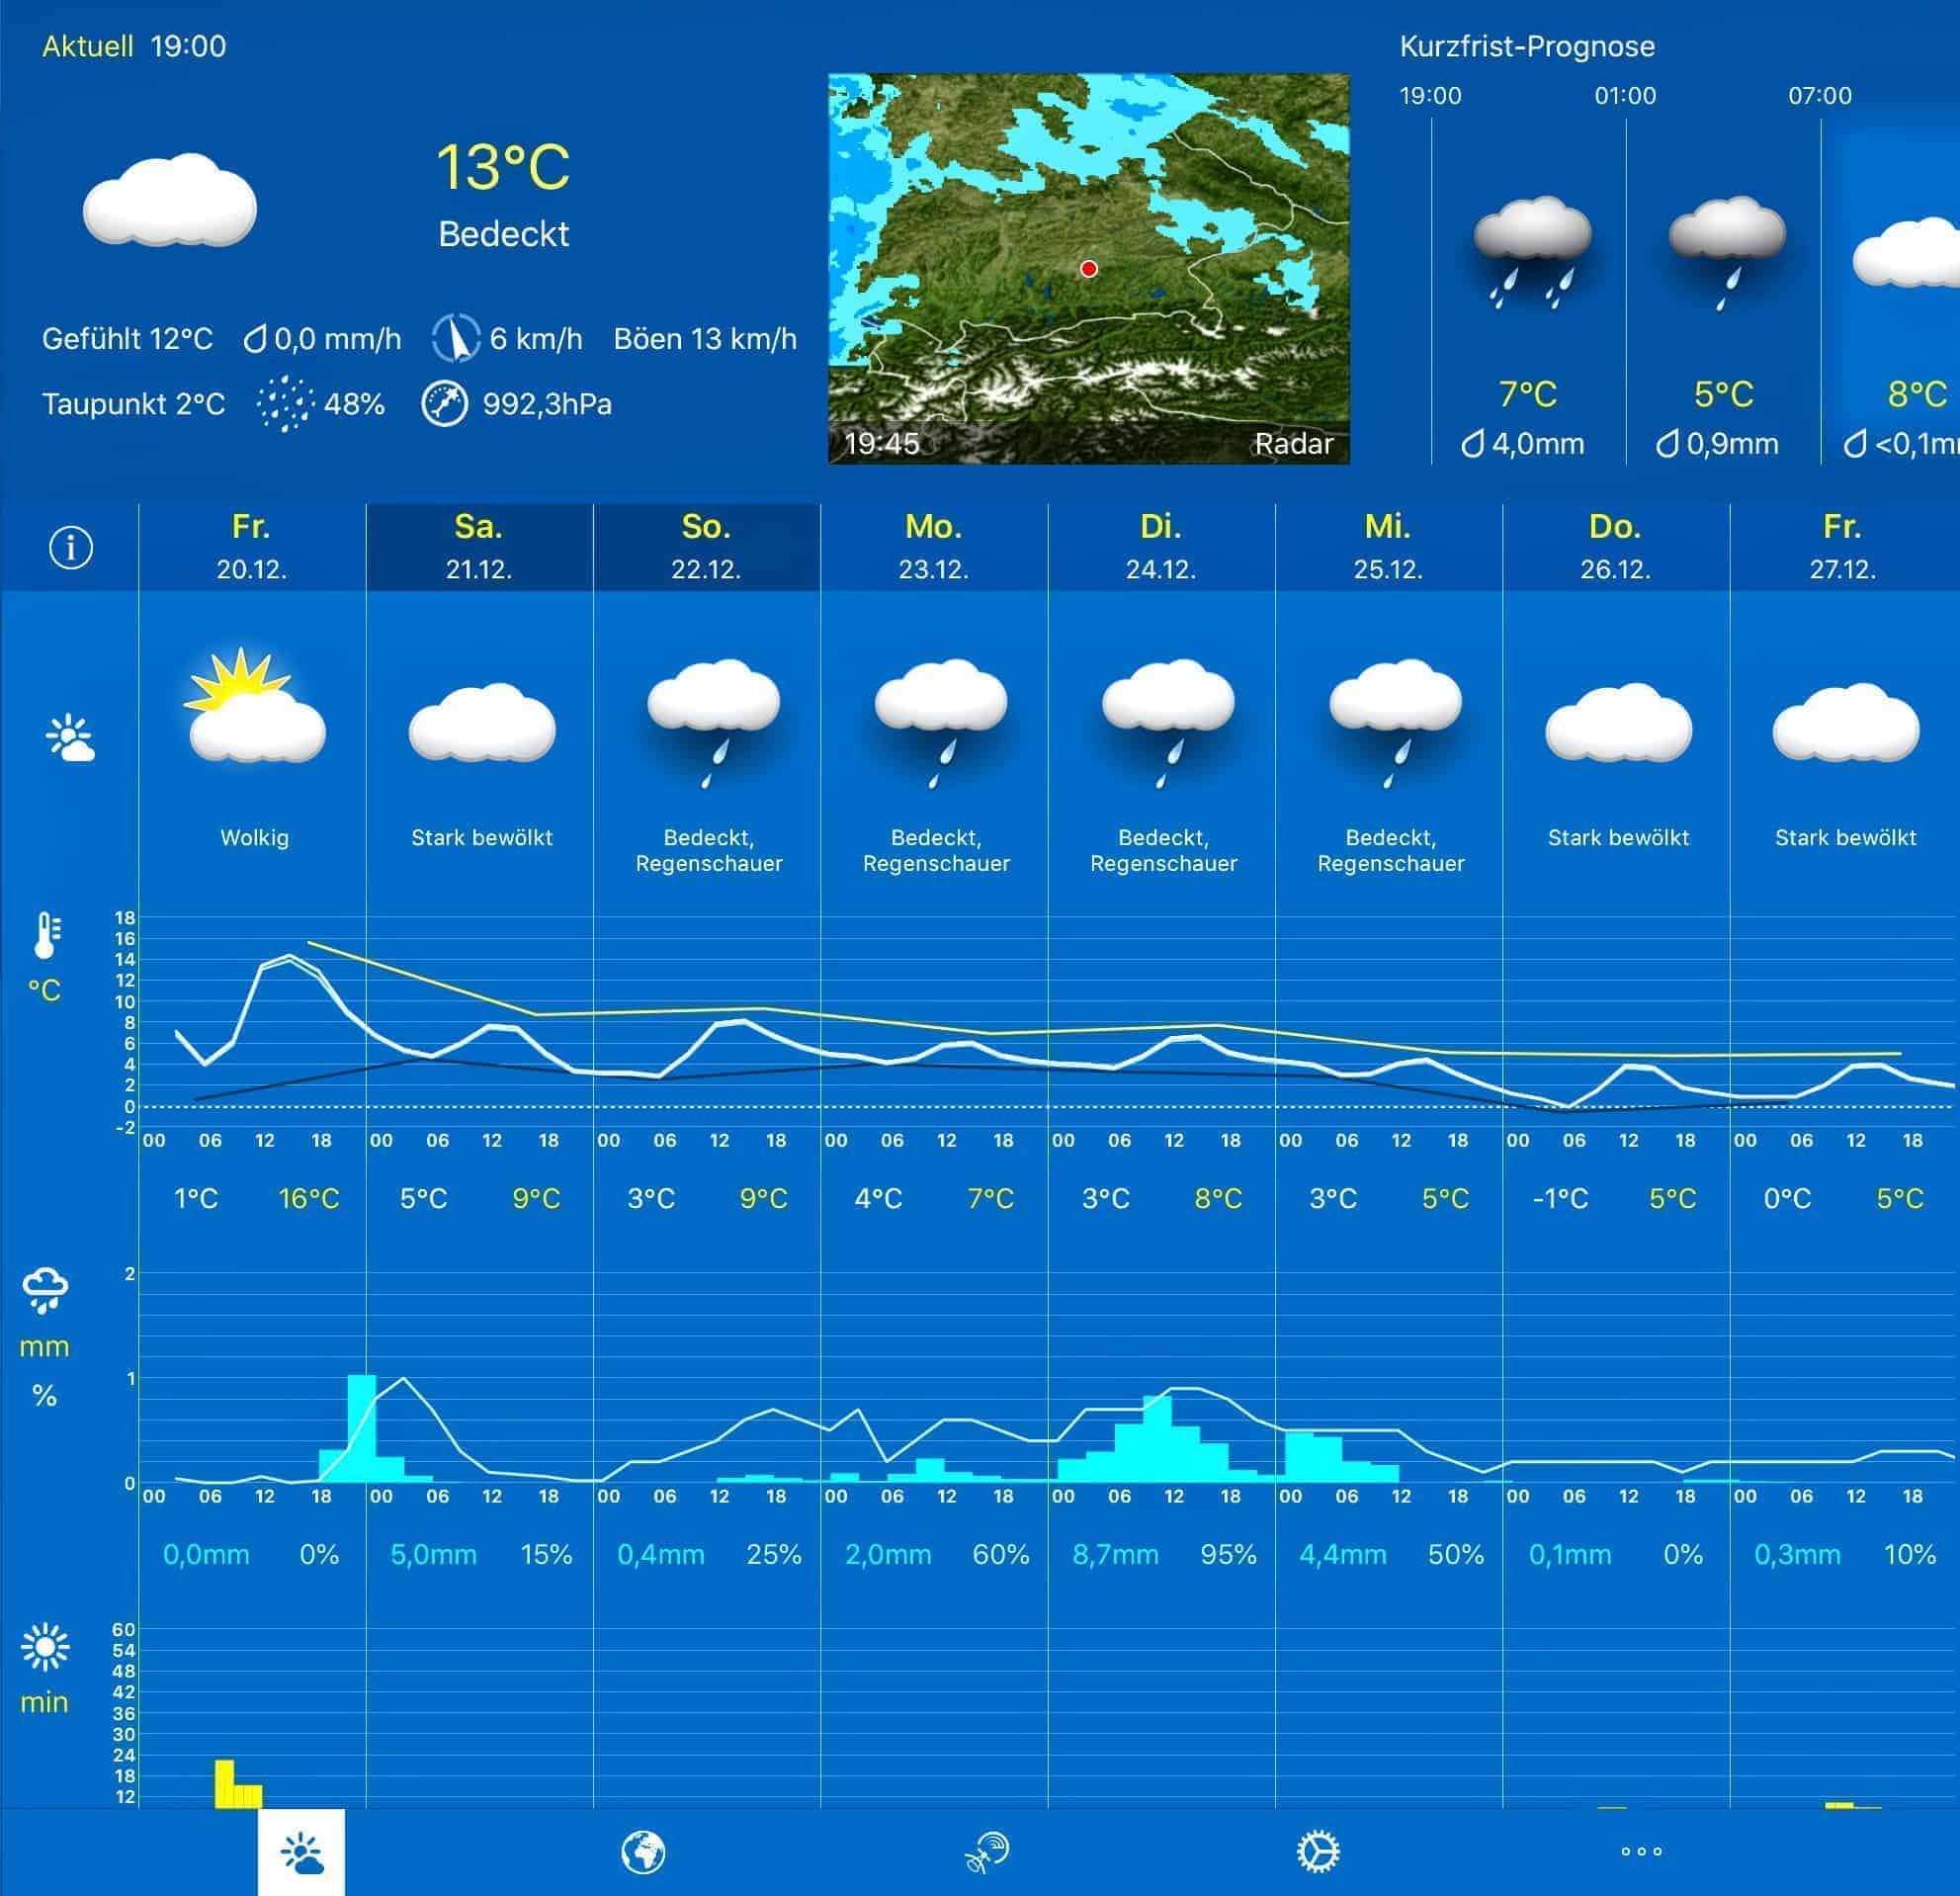 Verlässlichkeit von Wettervorhersagen 1